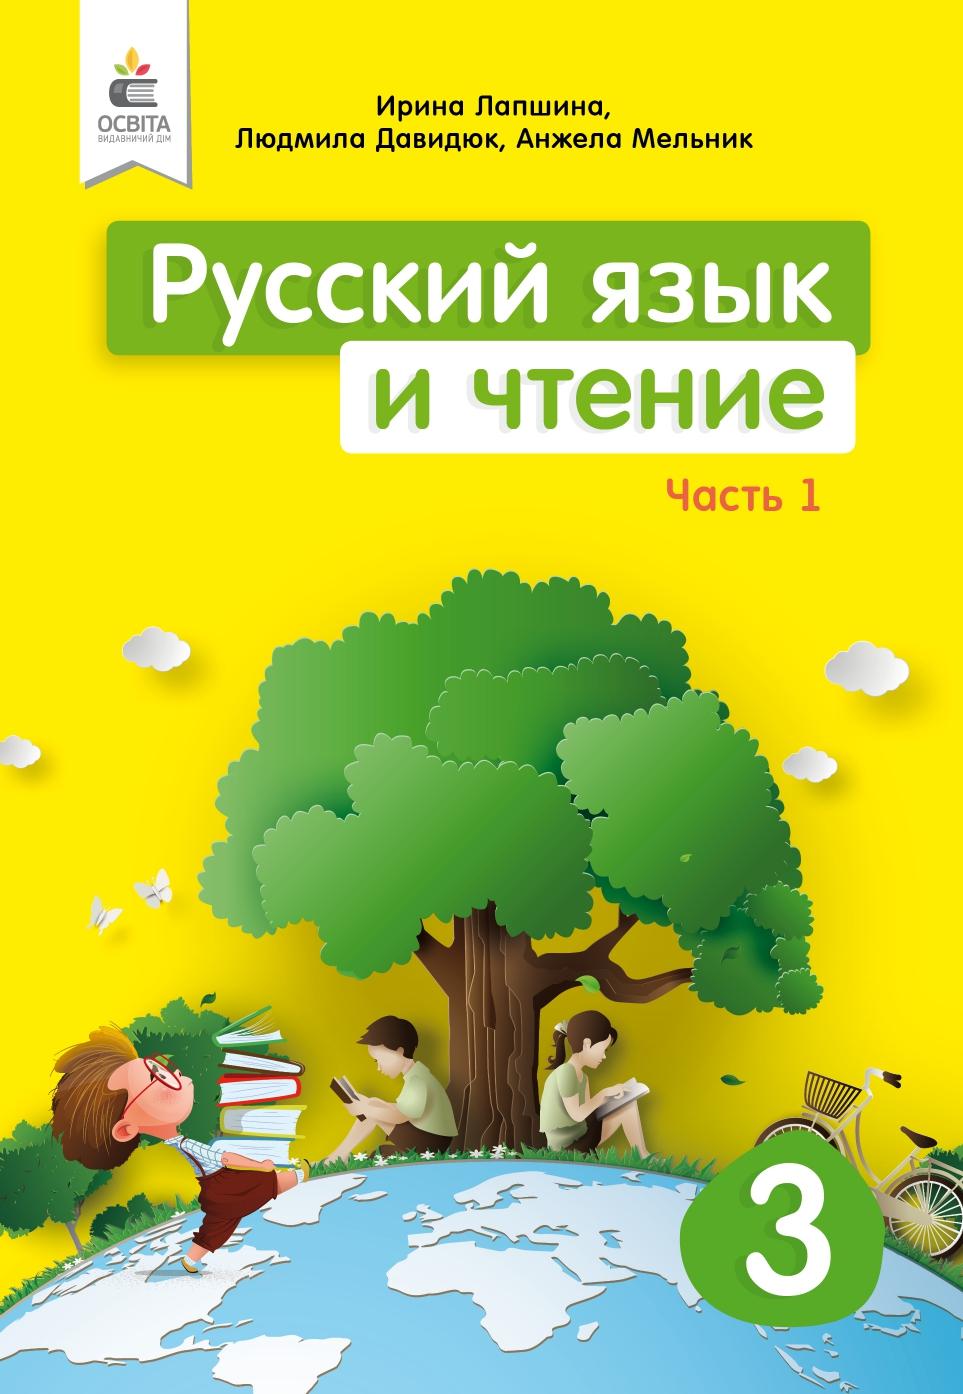 Російська мова та читання. 3 клас. Частина 1